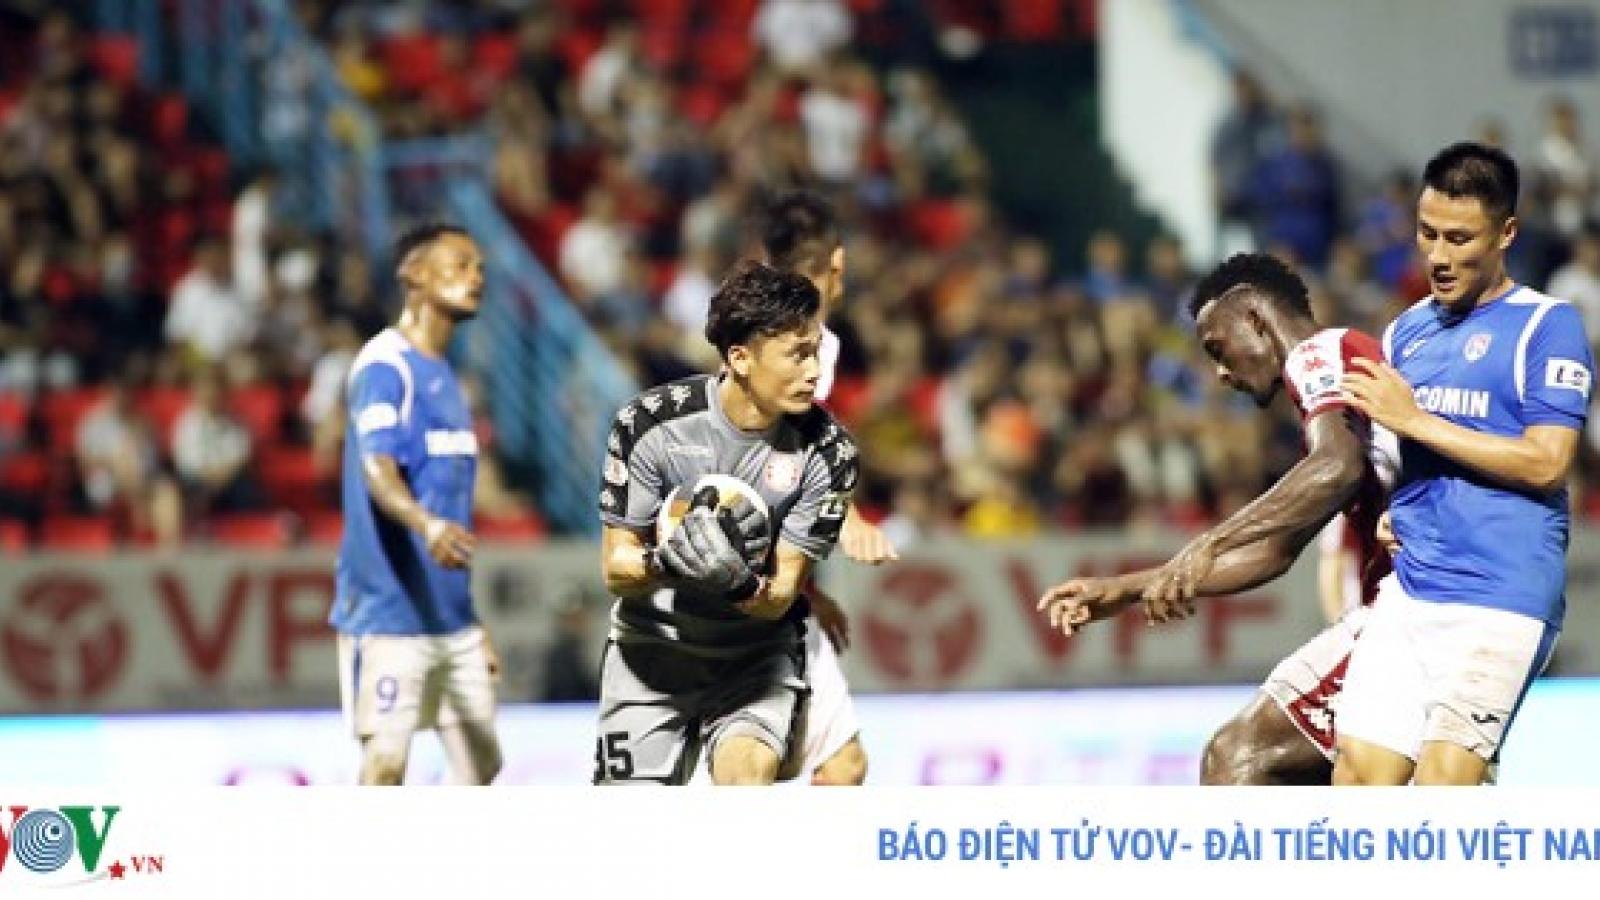 Top 5 pha cứu thua xuất thần ở vòng 9 V-League: Tiếc cho Bùi Tiến Dũng